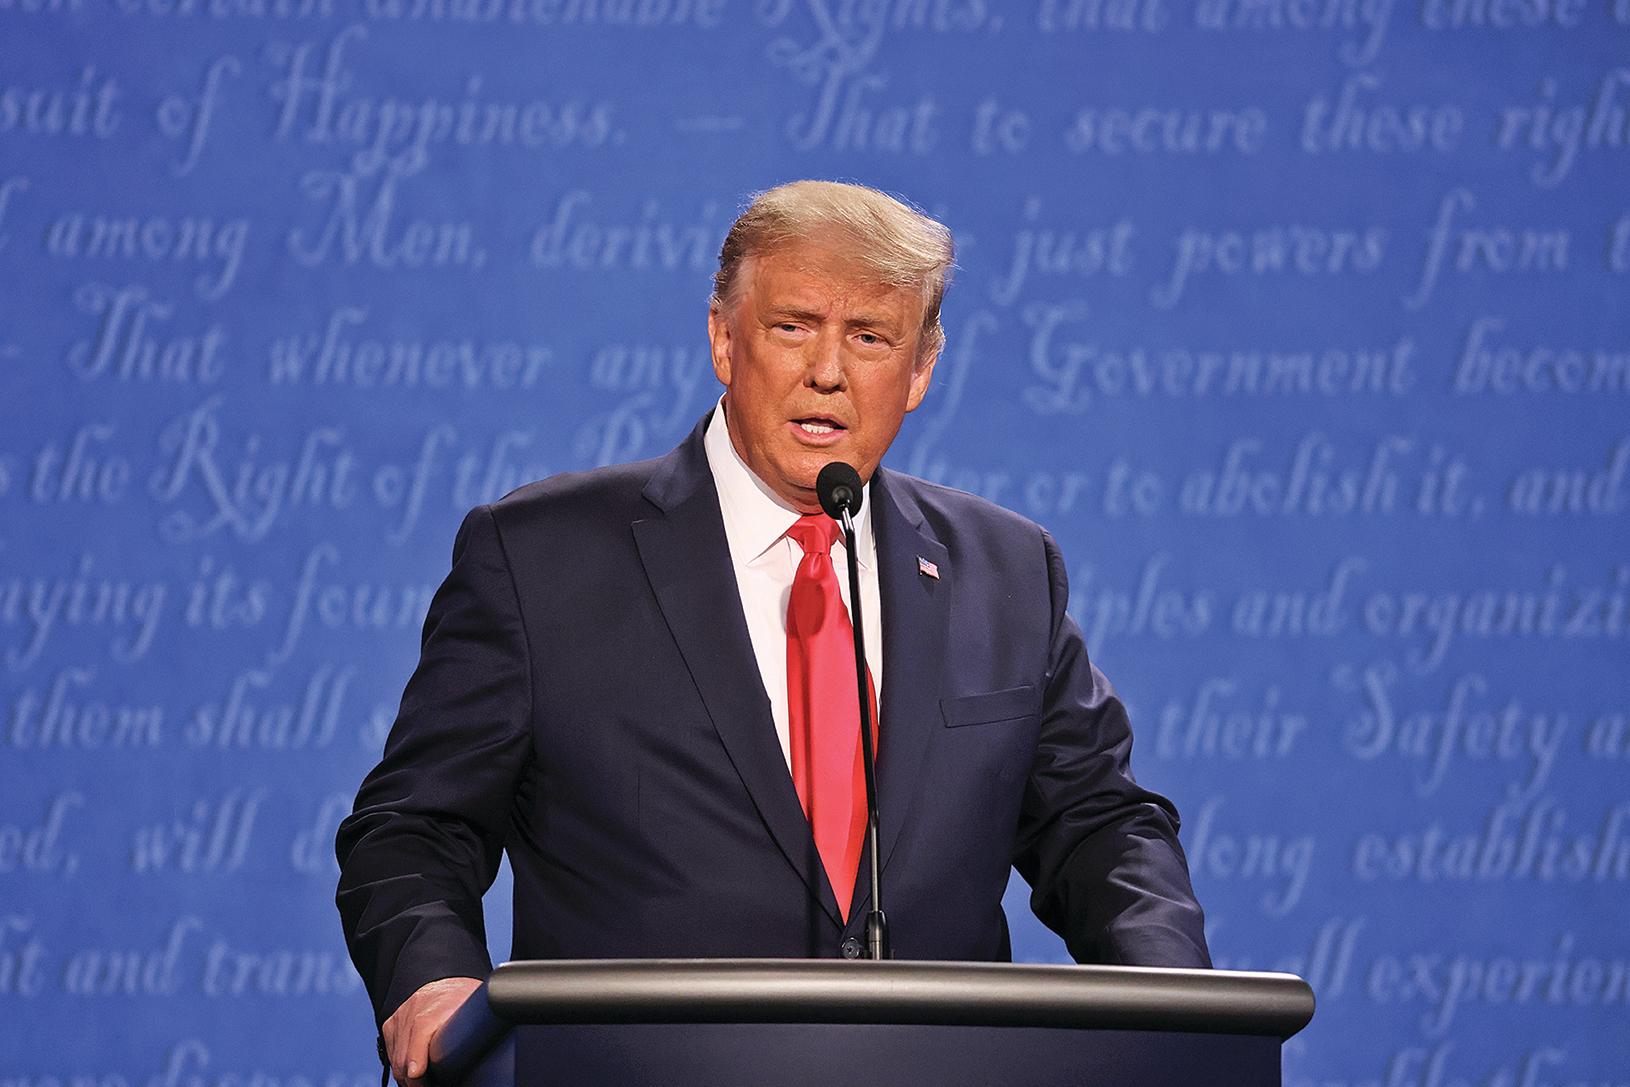 2020年10月22日,美國總統唐納德特朗普在田納西州納什維爾的貝爾蒙特大學(Belmont University)參加對民主黨總統候選人祖拜登的最後一場總統辯論。(Justin Sullivan/Getty Images)